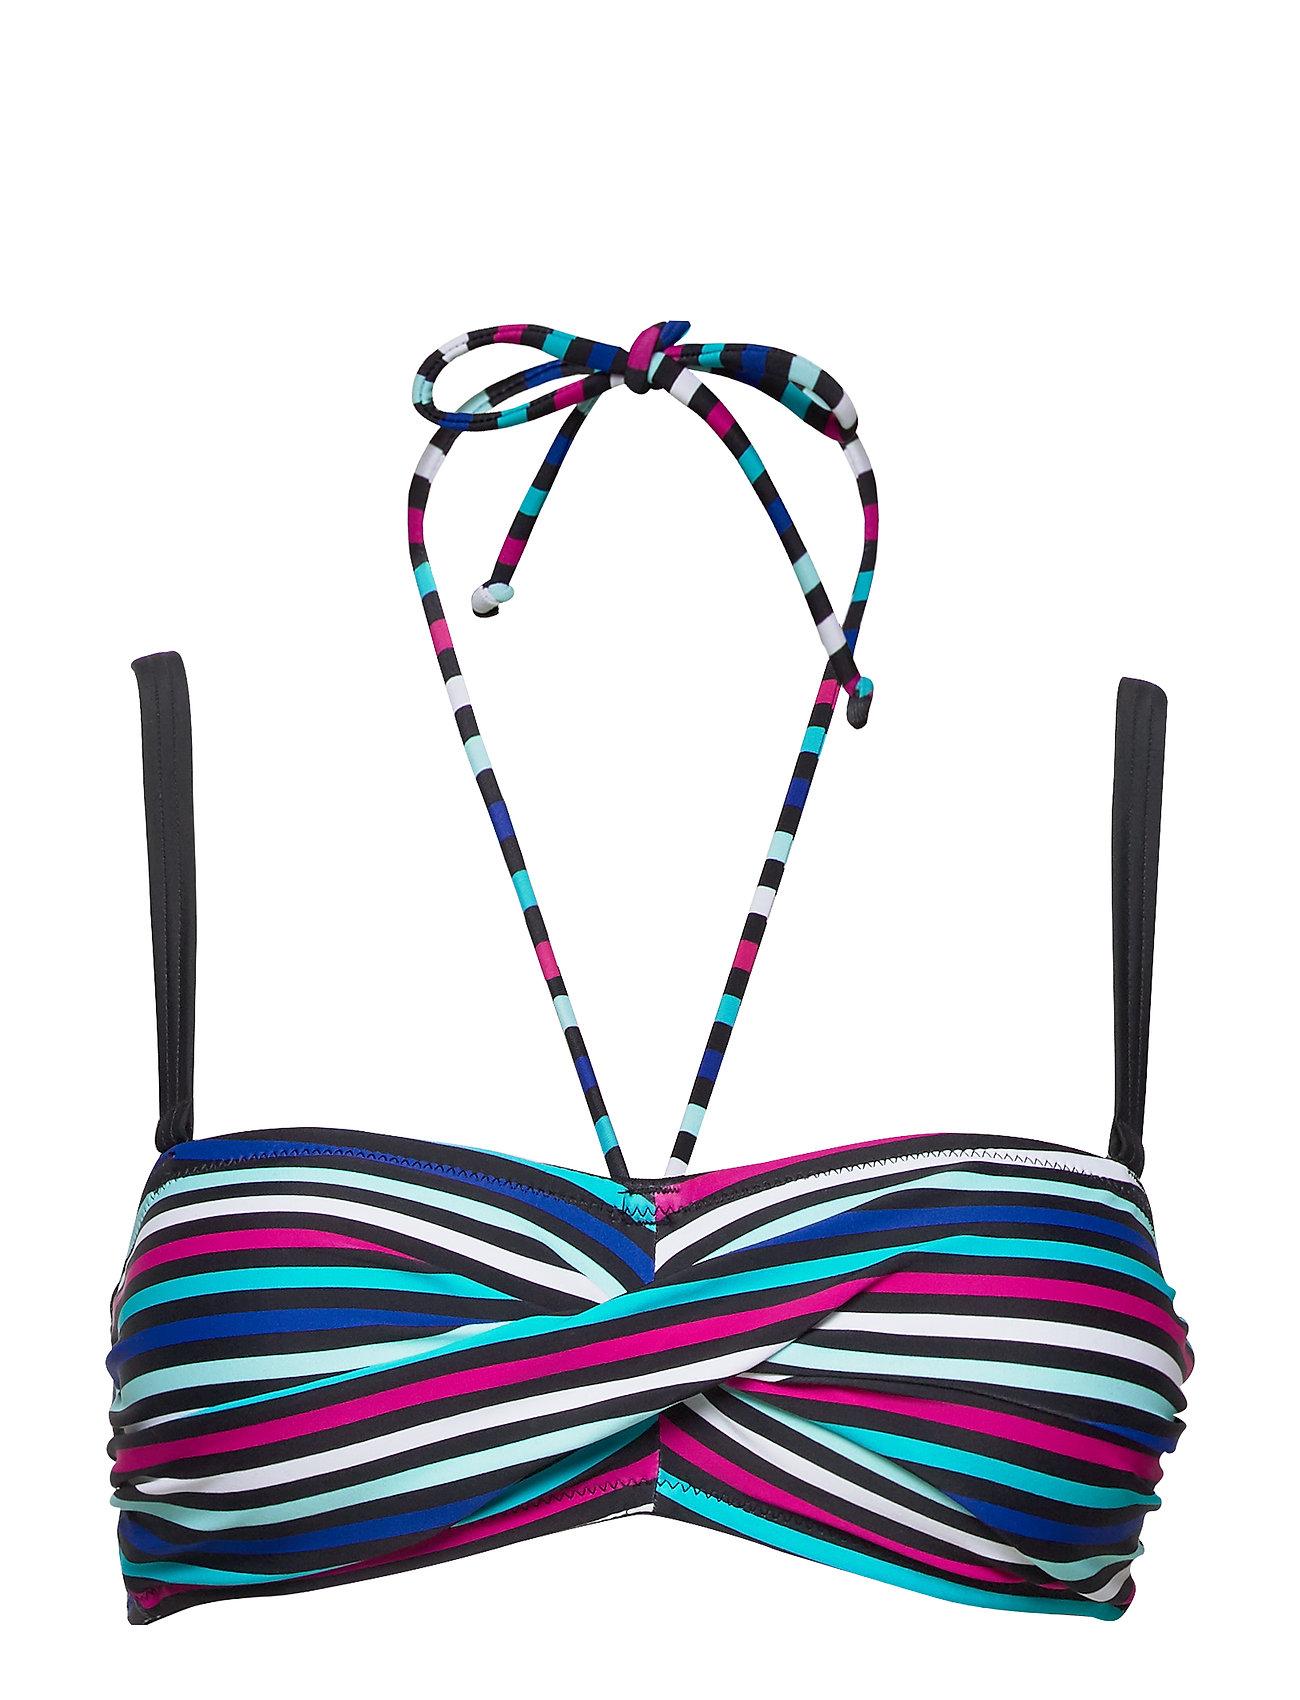 Image of Bandeau Bikini Top Bikinitop Multi/mønstret Wiki (3335351011)